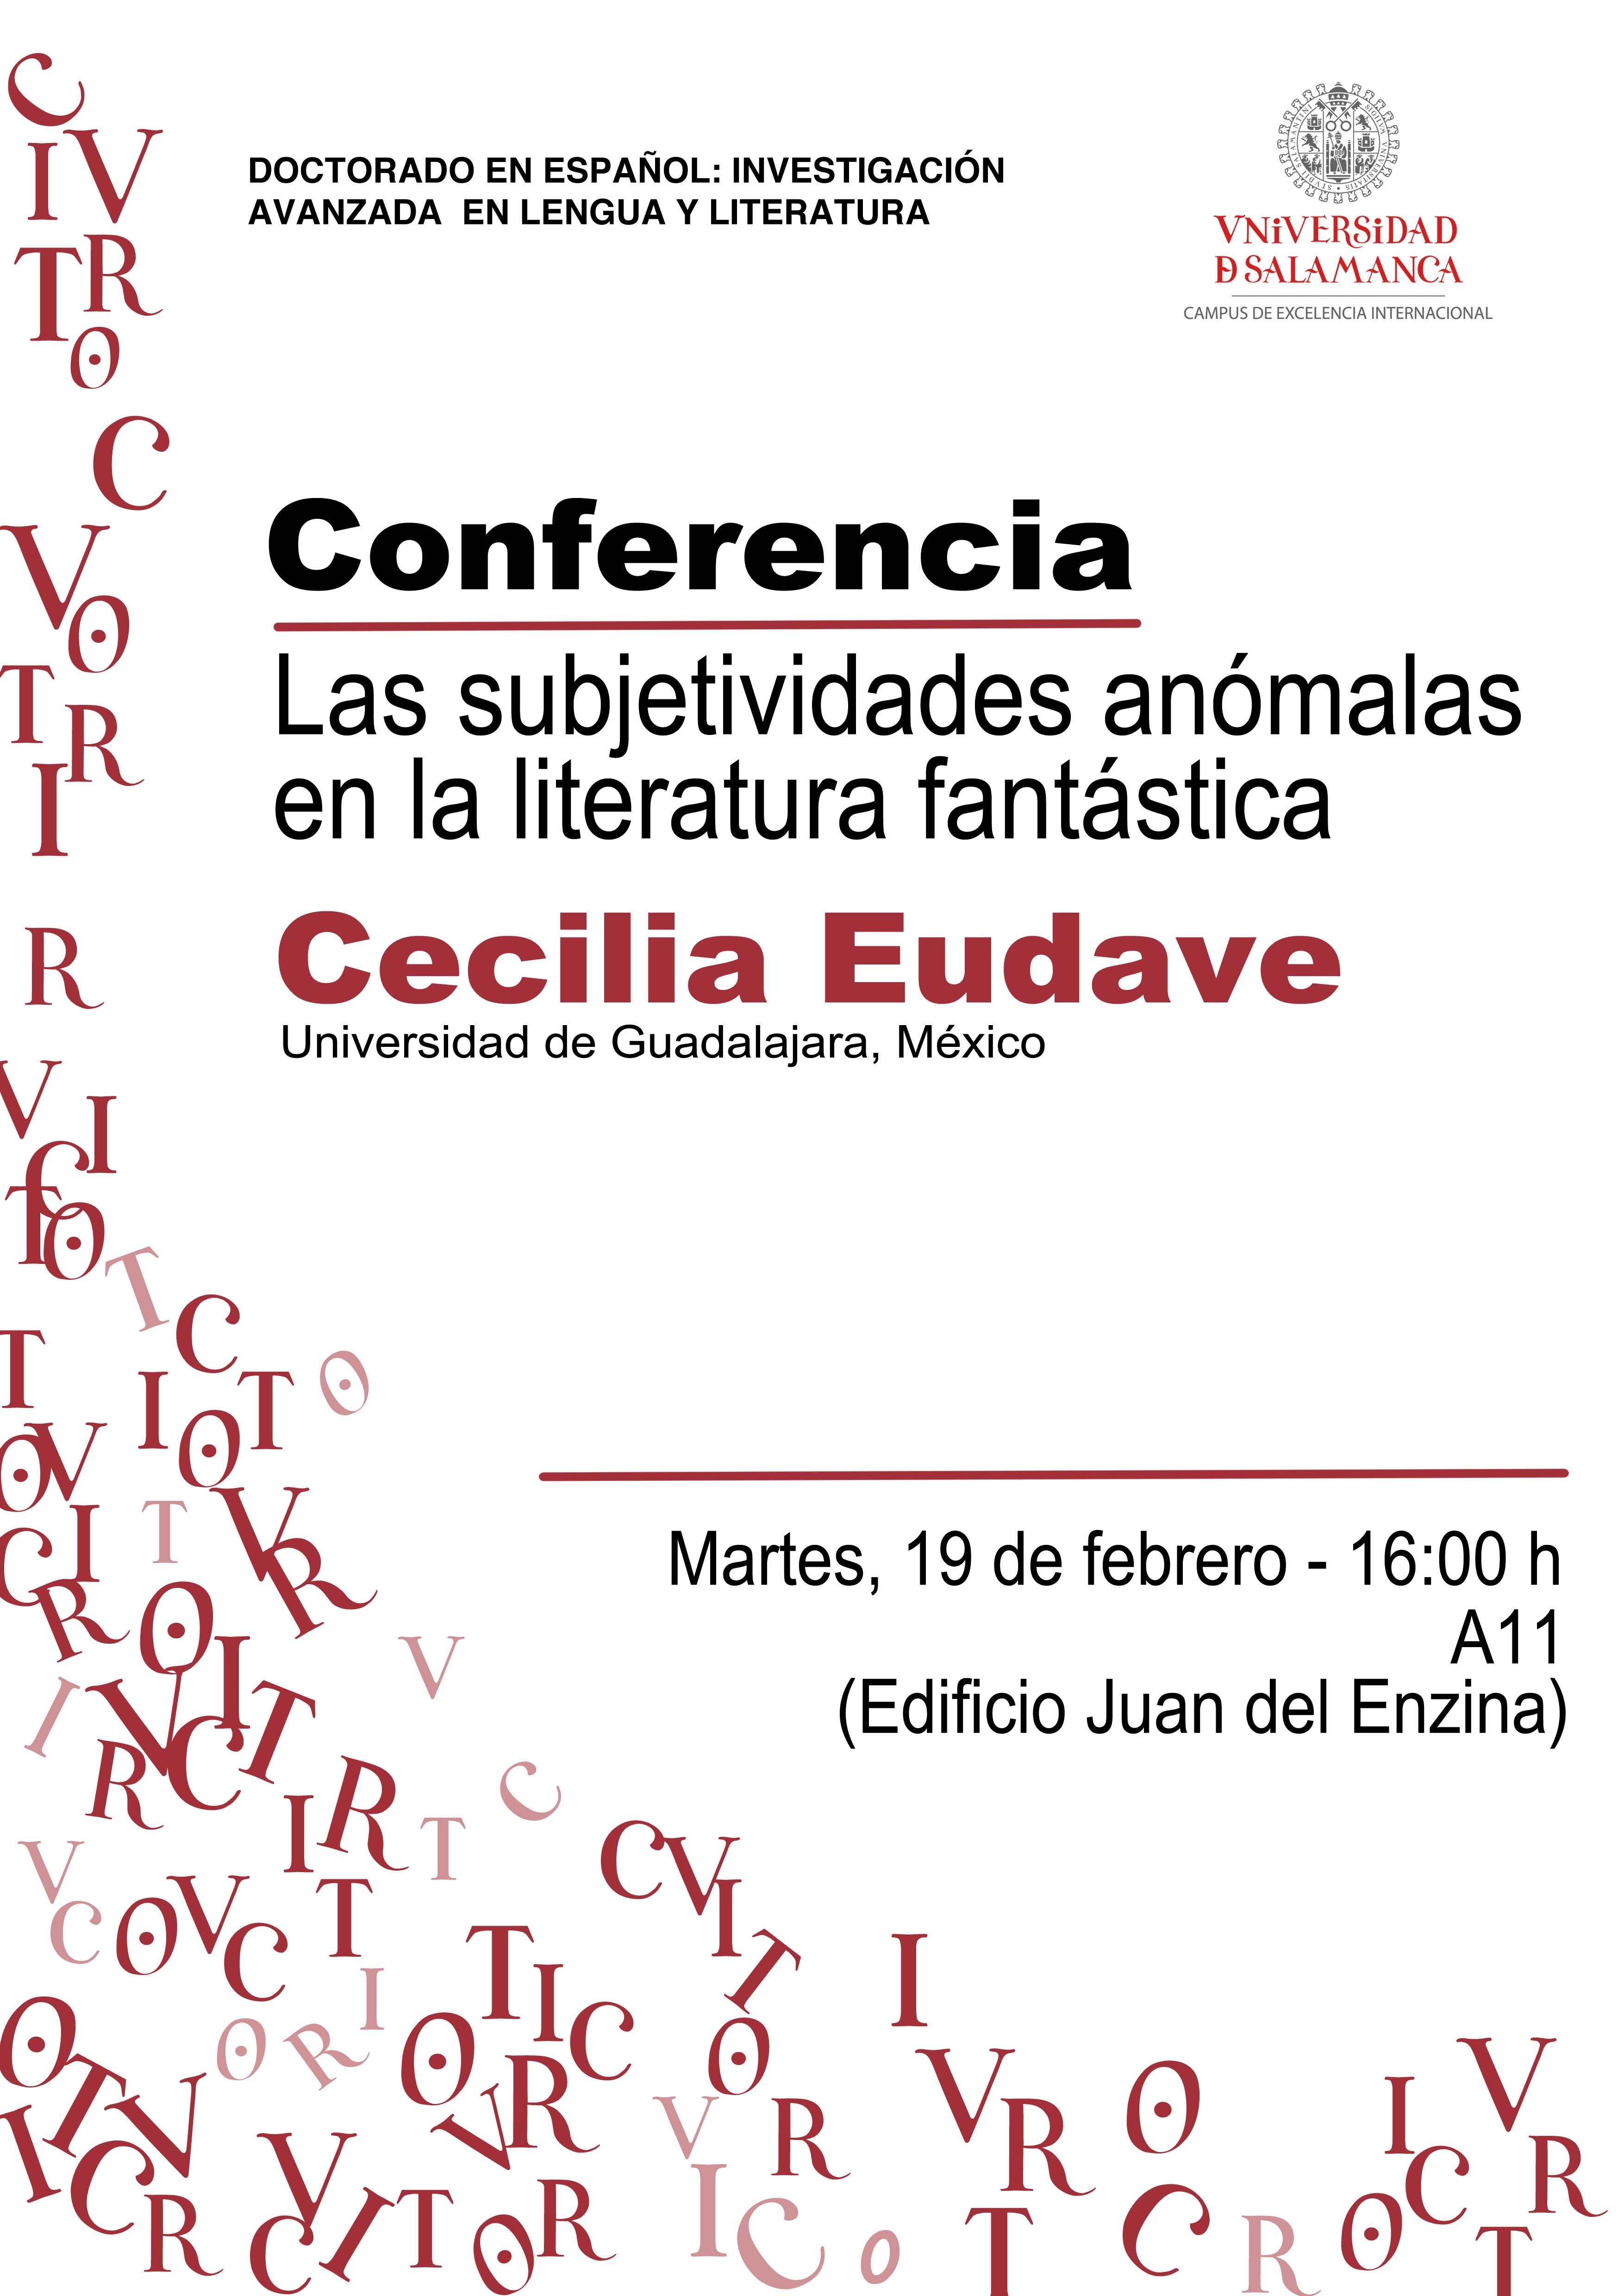 Conferencia de Cecilia Eudave